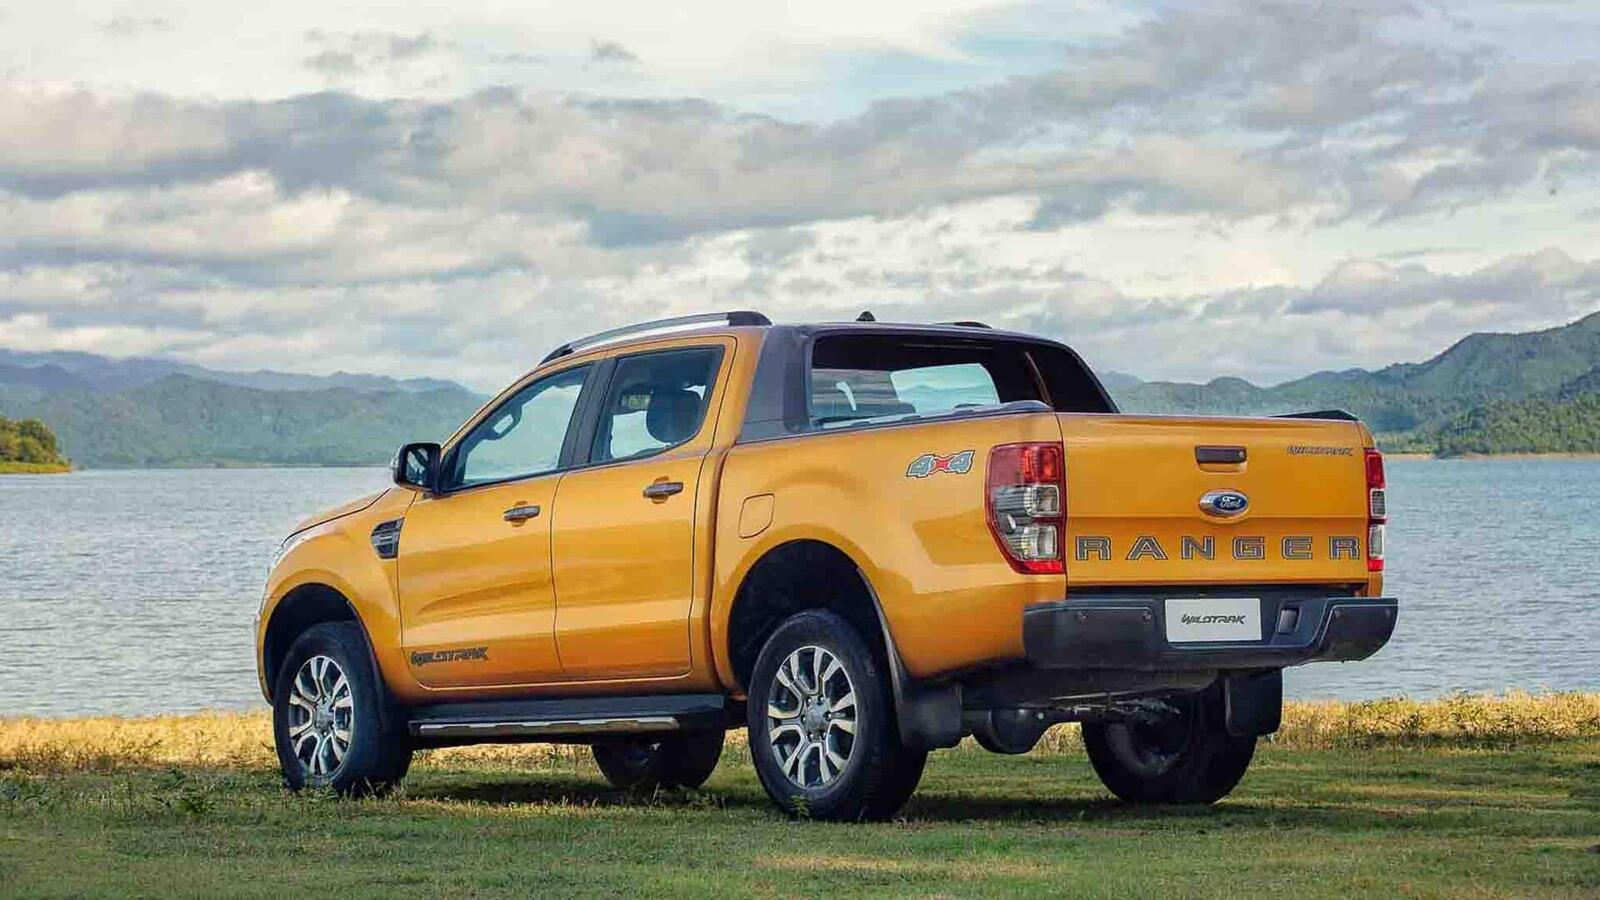 Ford Ranger đạt doanh số kỷ lục tại Châu Á Thái Bình Dương năm thứ 10 liên tiếp - Hình 1